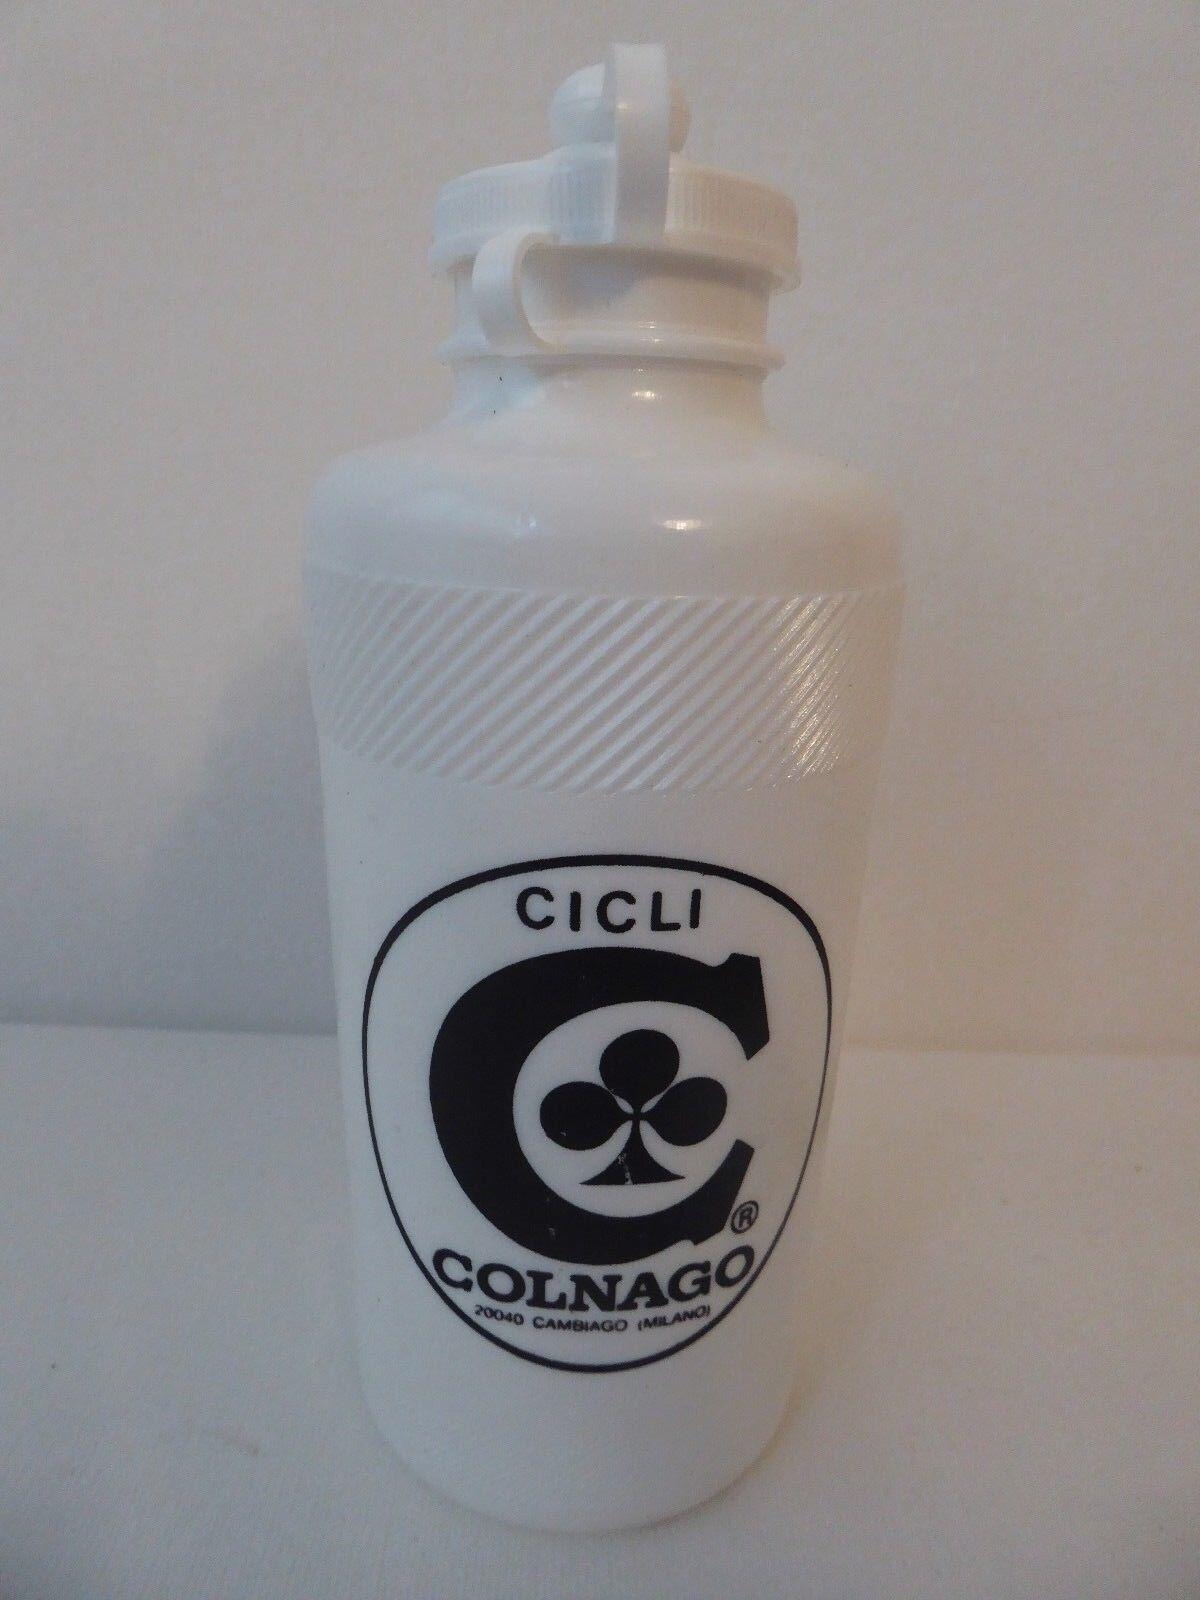 Vintage NOS blancoo Colnago Reg Botella de Agua BORRACCIA Cambiago, Milano Raro